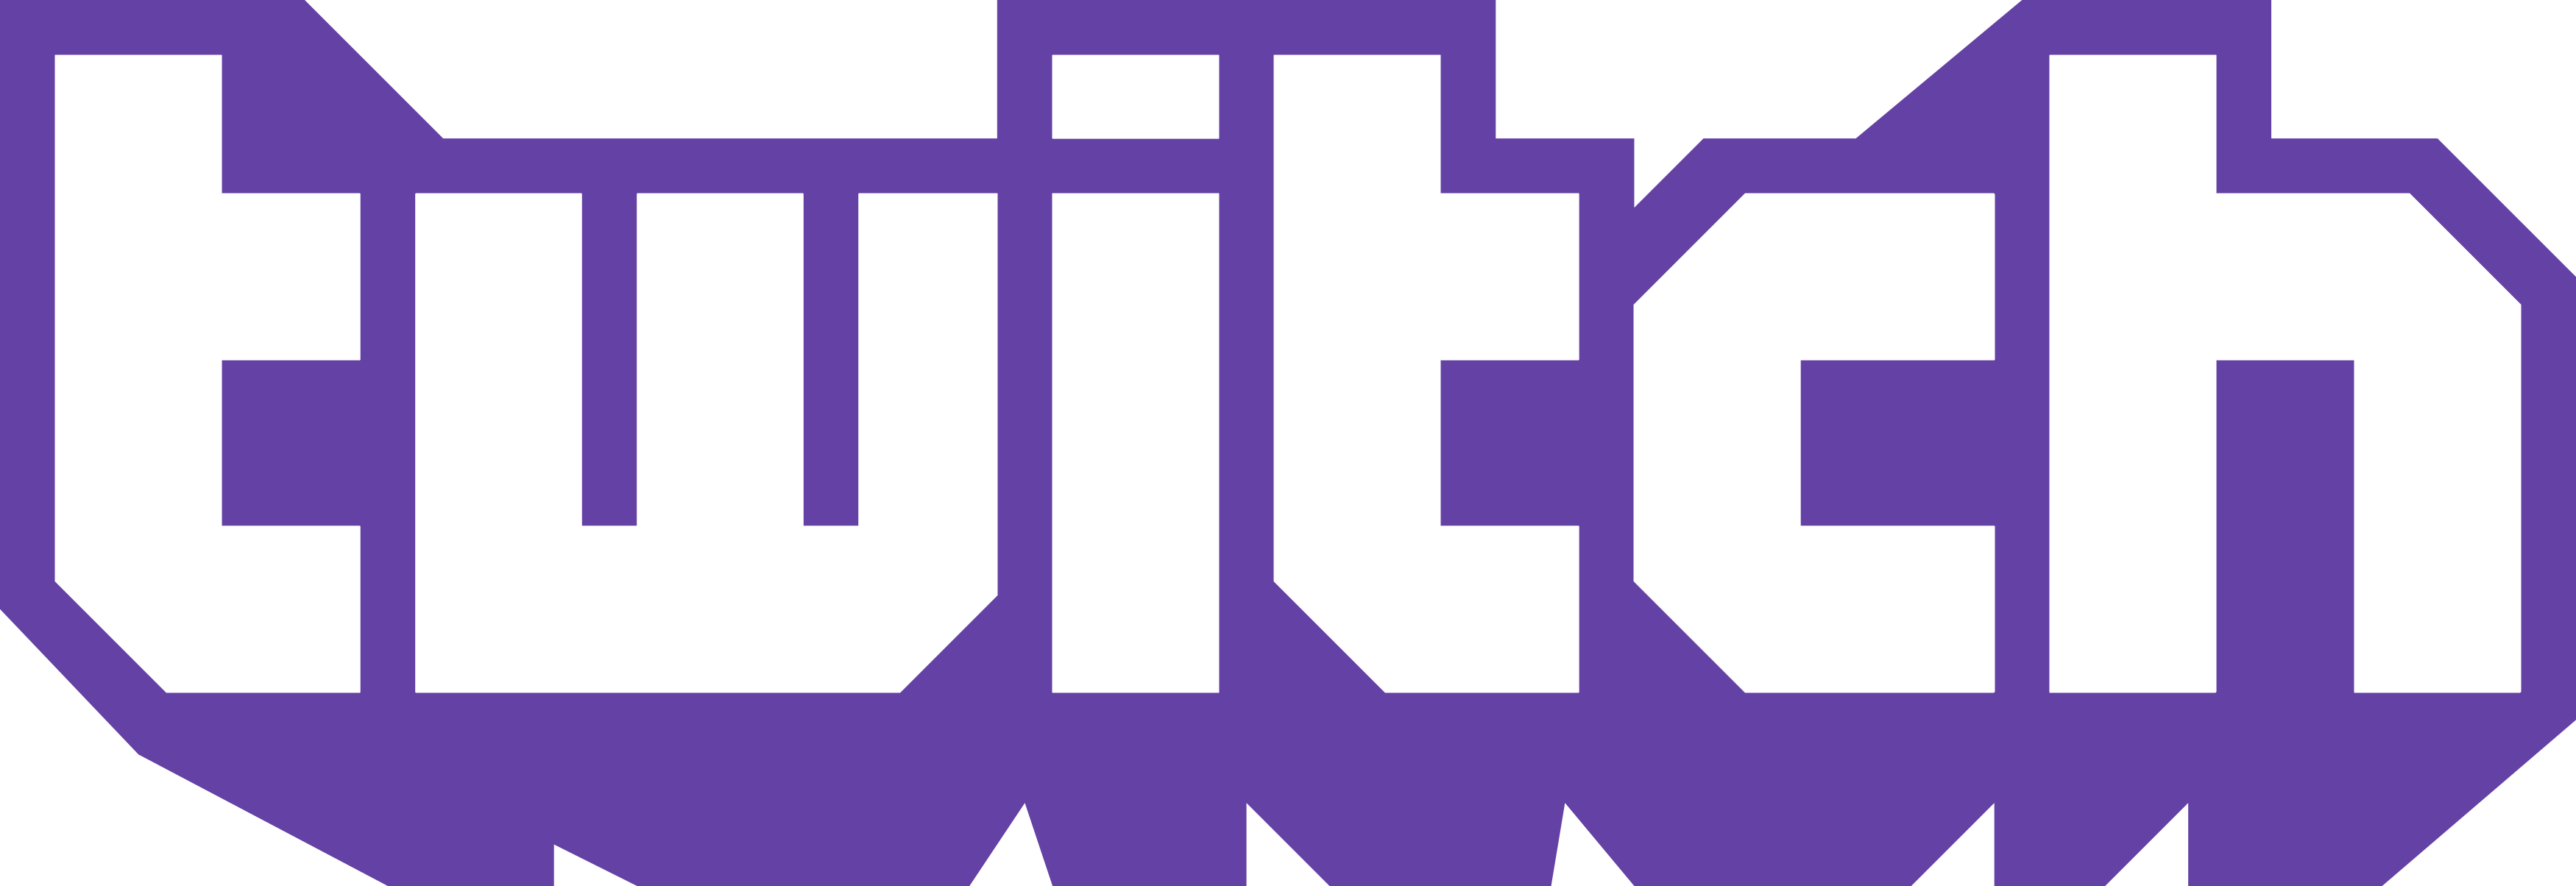 twitch-logo-0